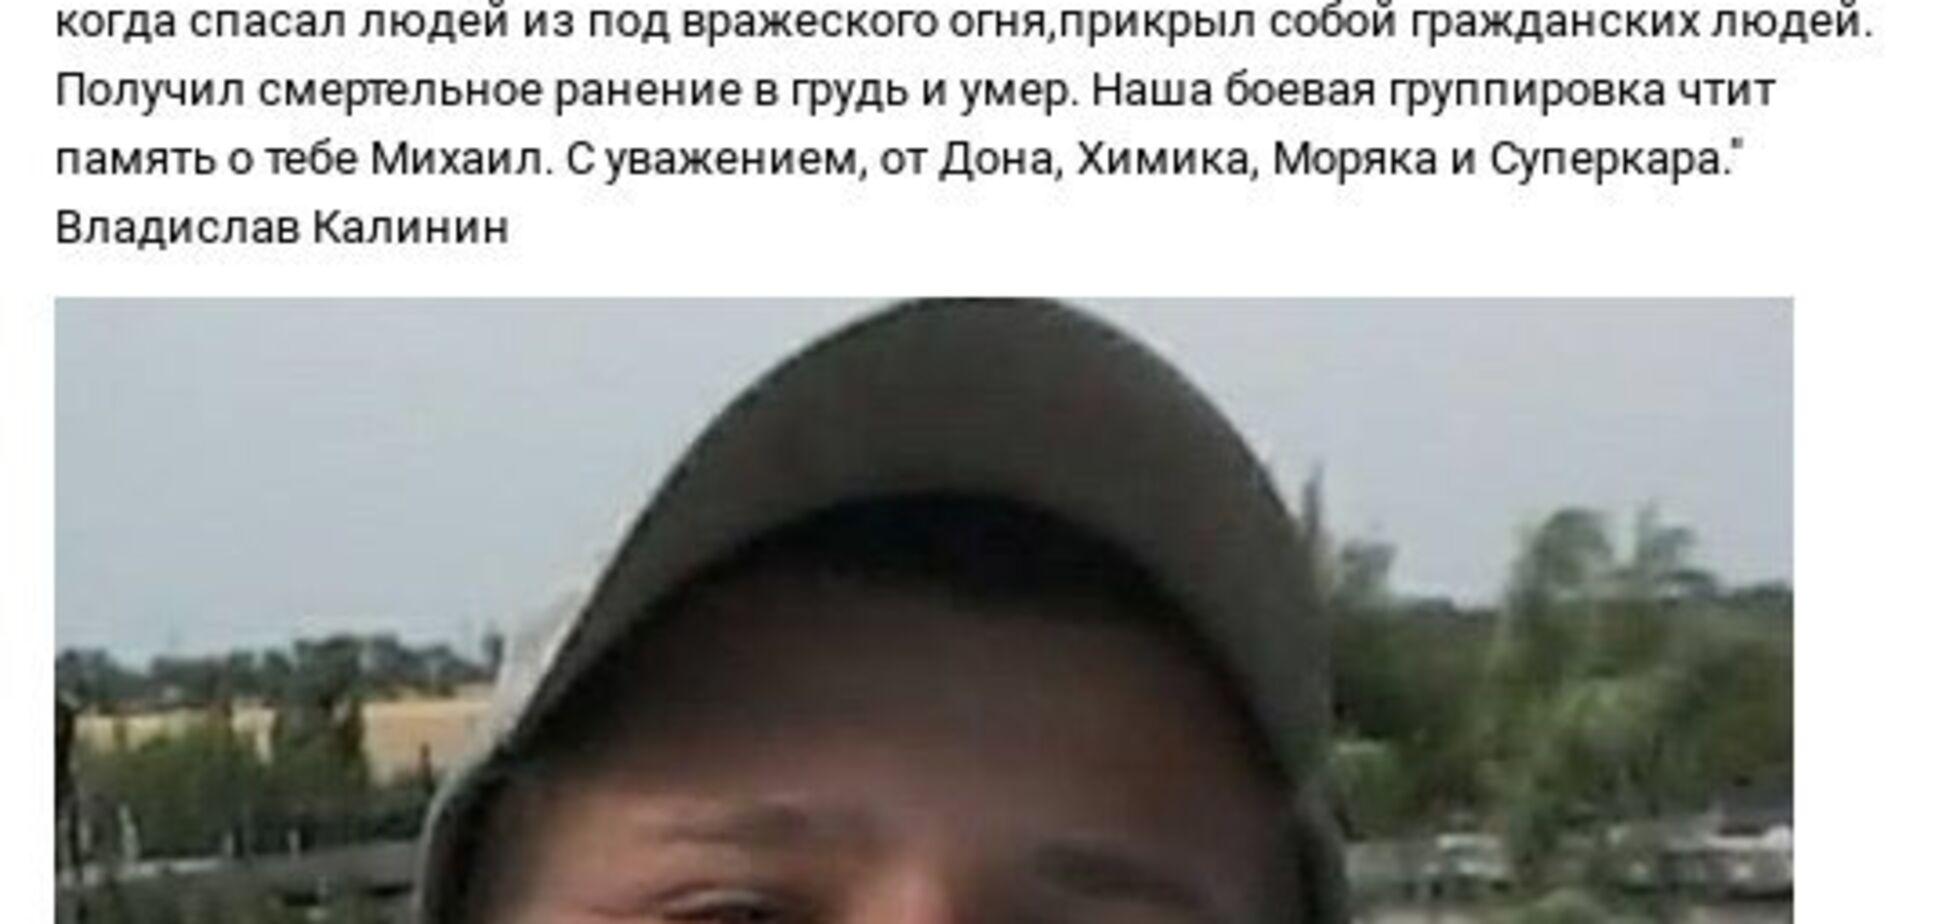 'Таки попали': в сети показали новый 'груз 200' из 'ДНР'